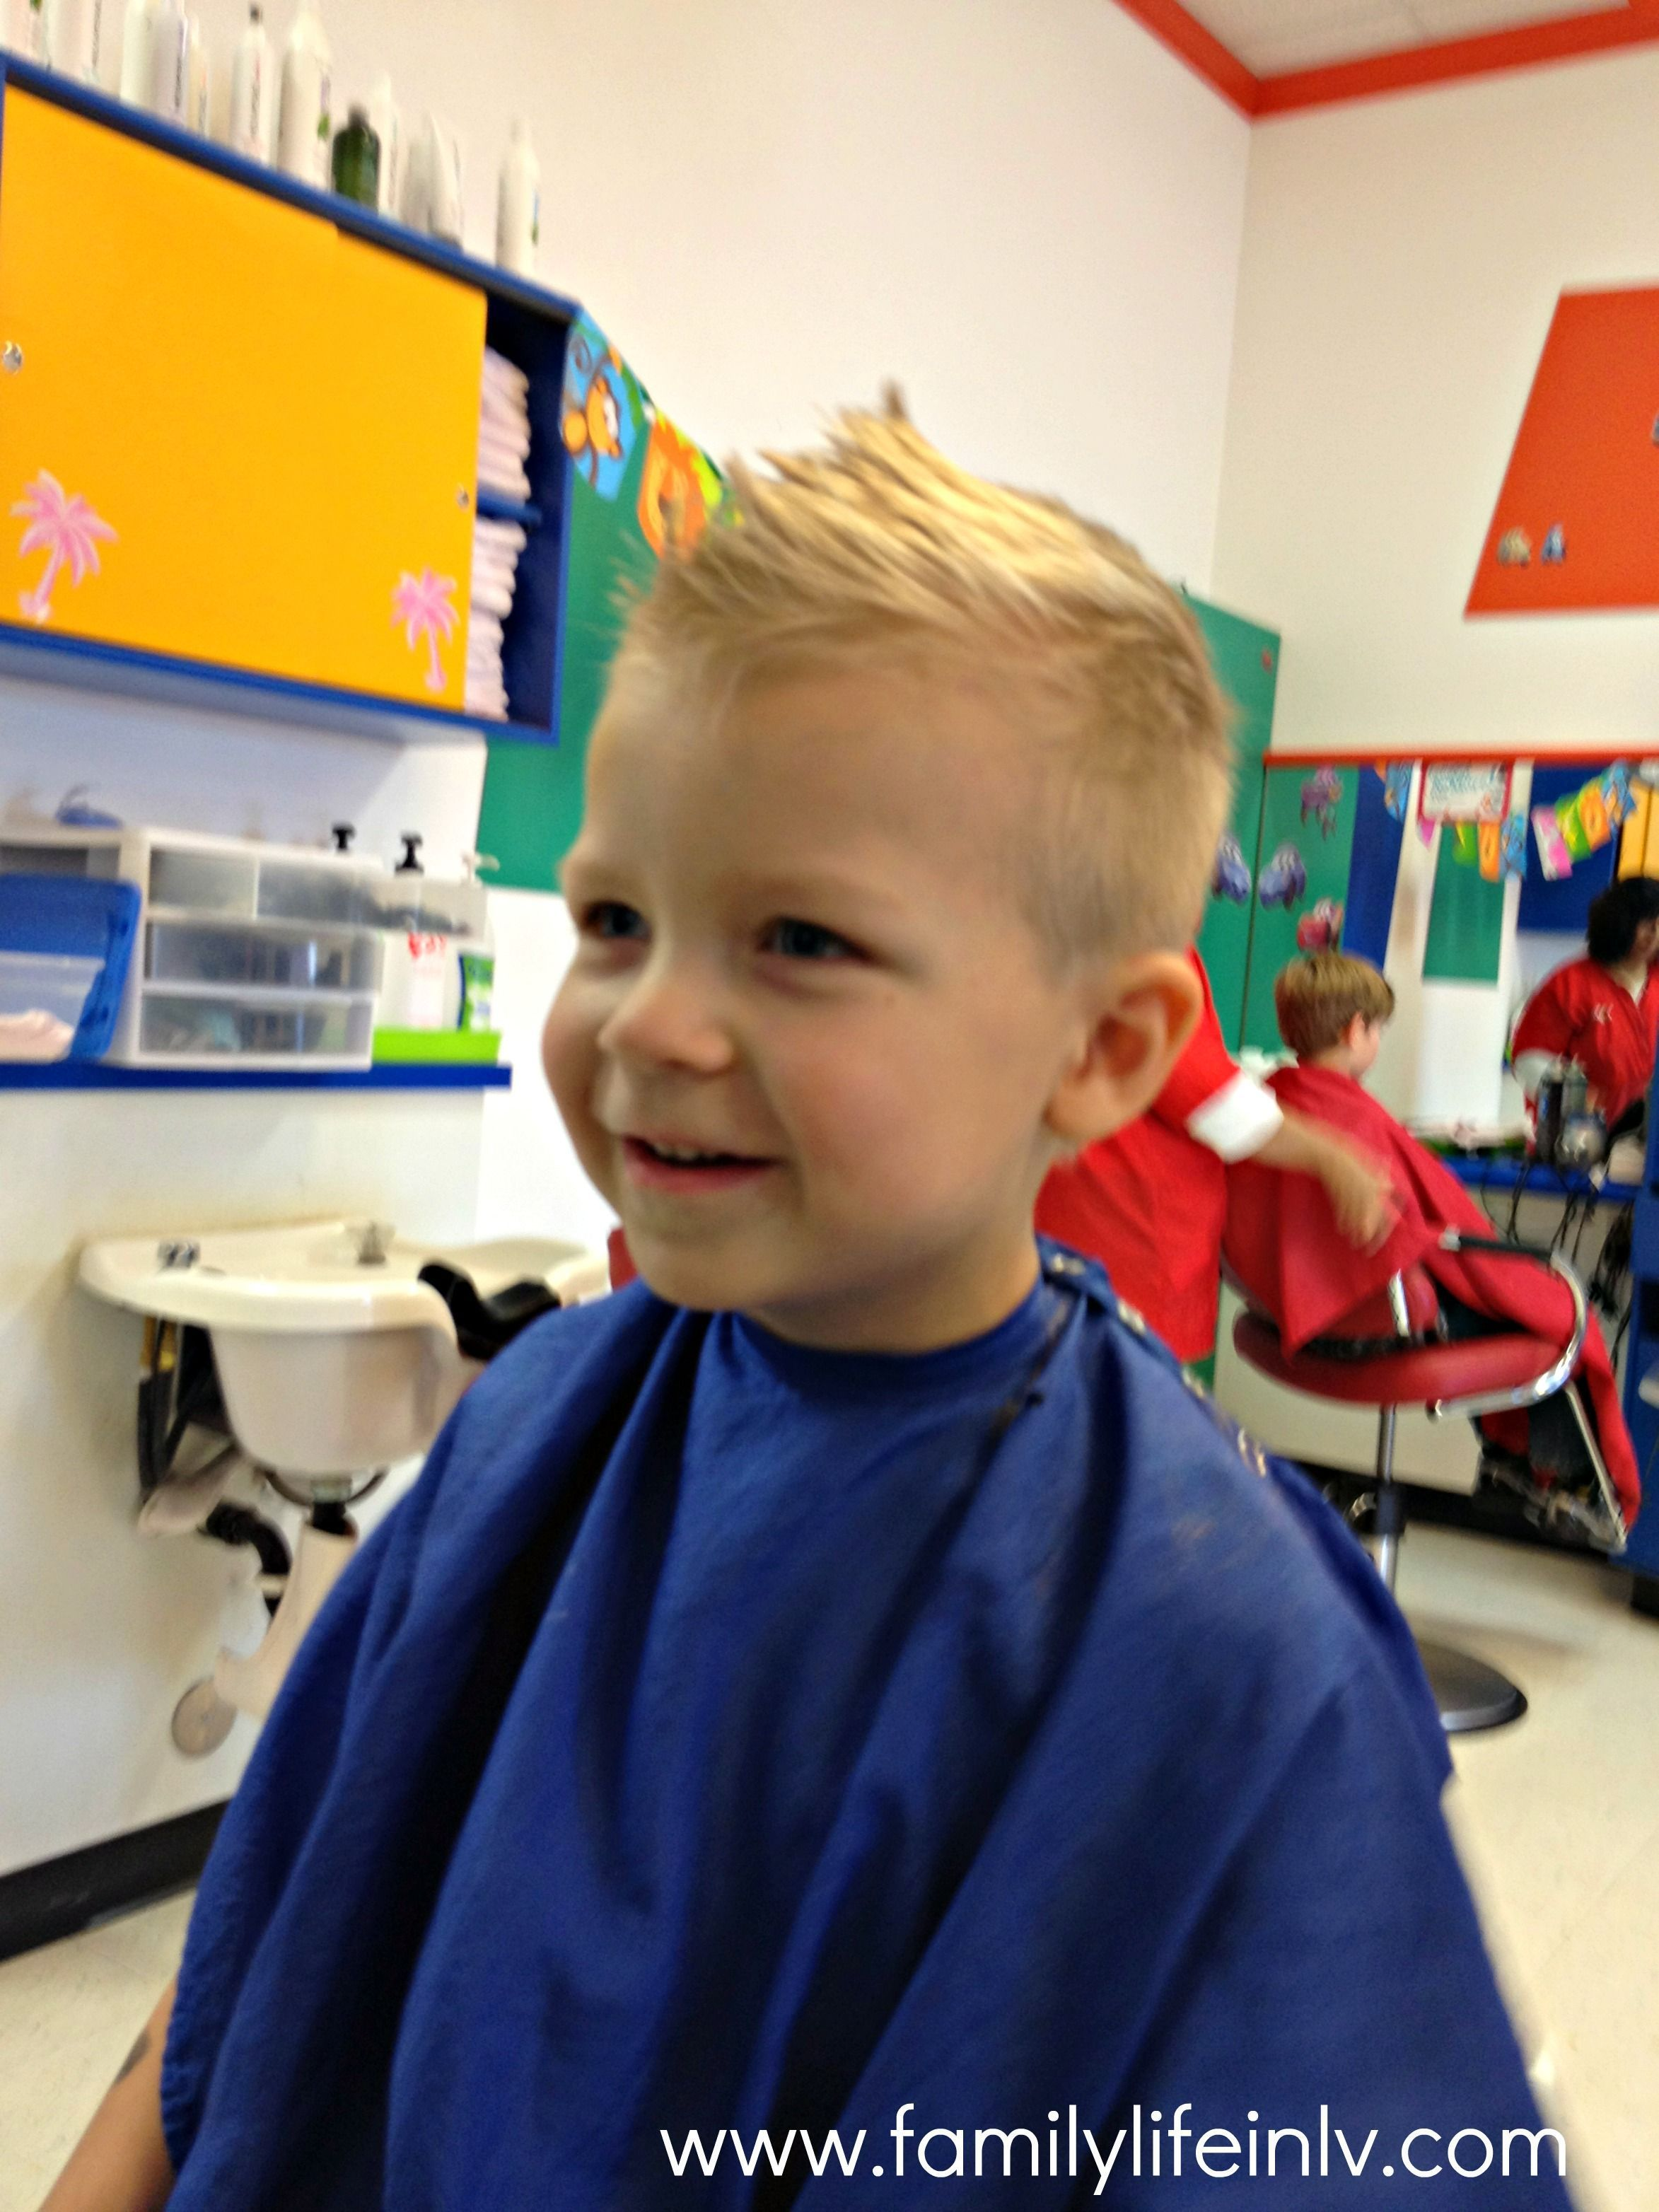 Elegante Frisuren Fur Kinder Jungen Halblang Kinderfrisurenjungen